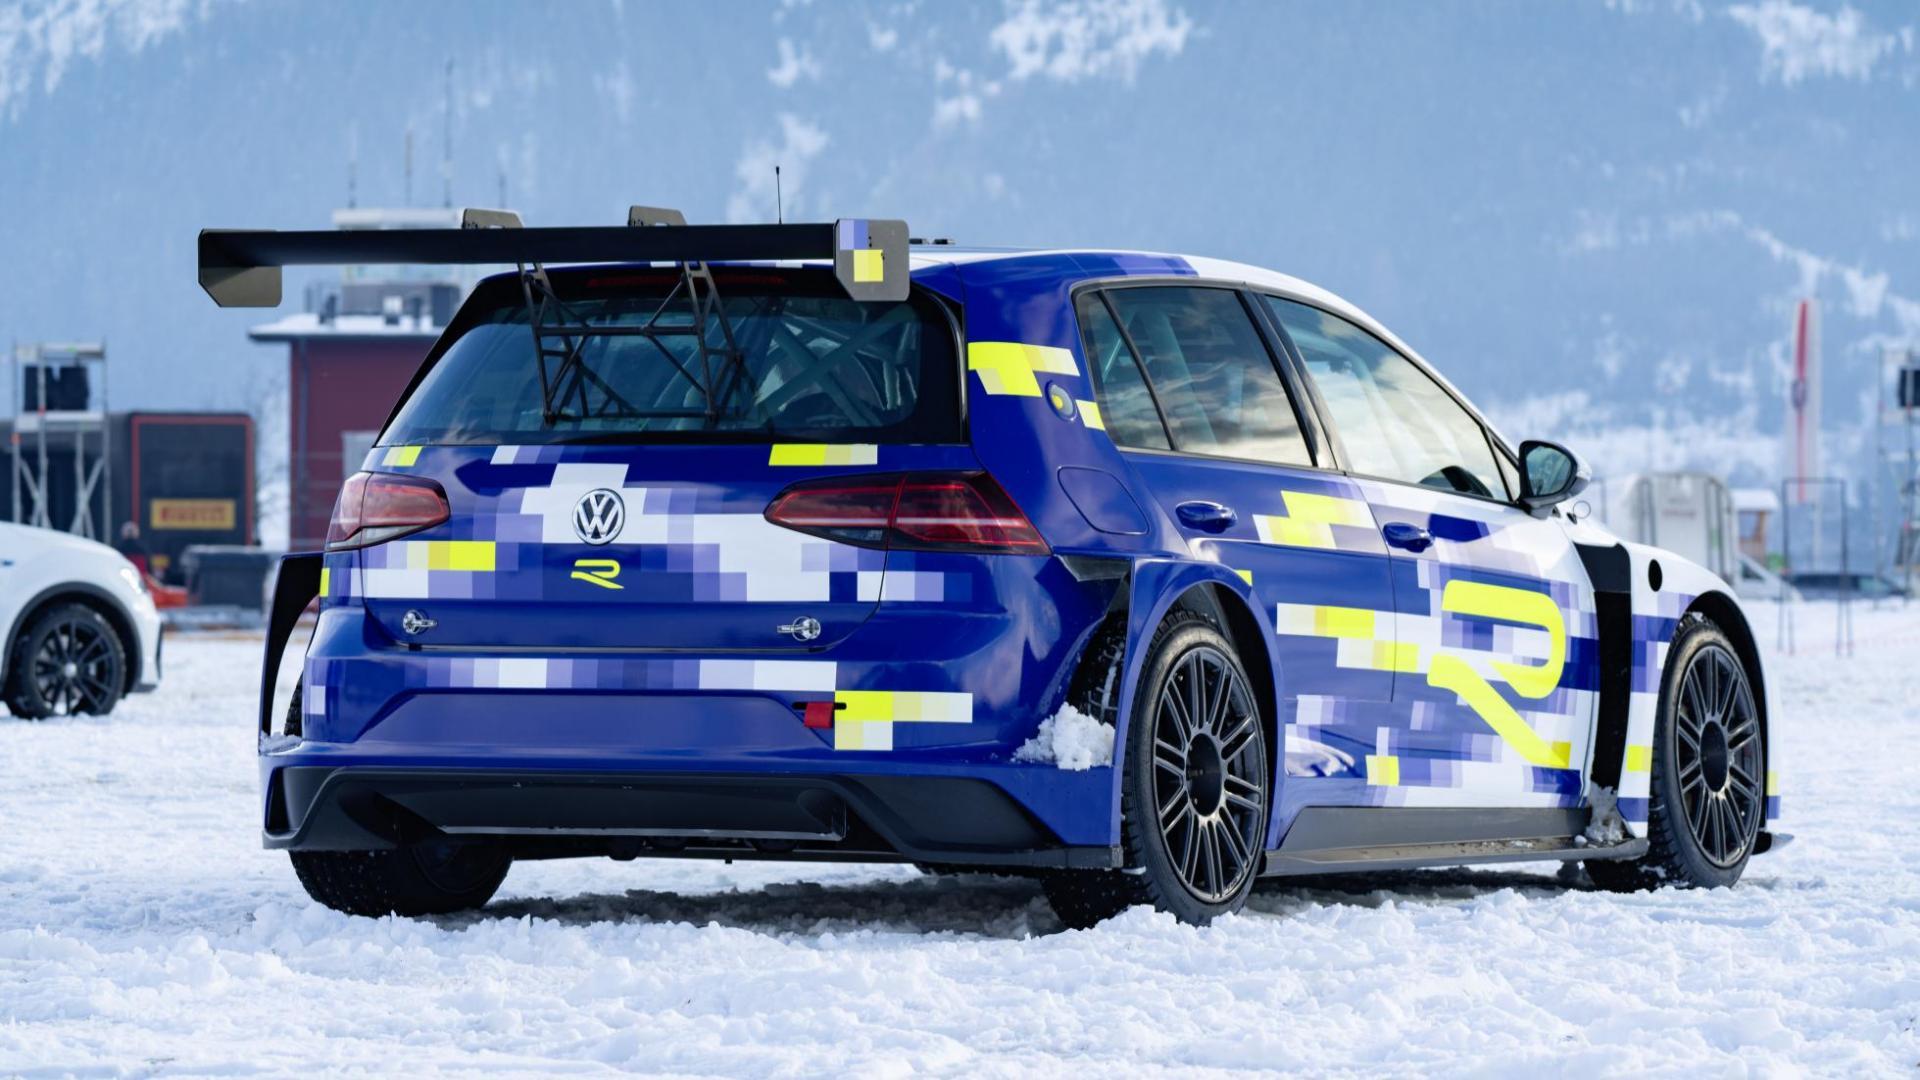 VW Golf met ID R-motoren eR1 ijs sneeuw ijsrijden spoiler